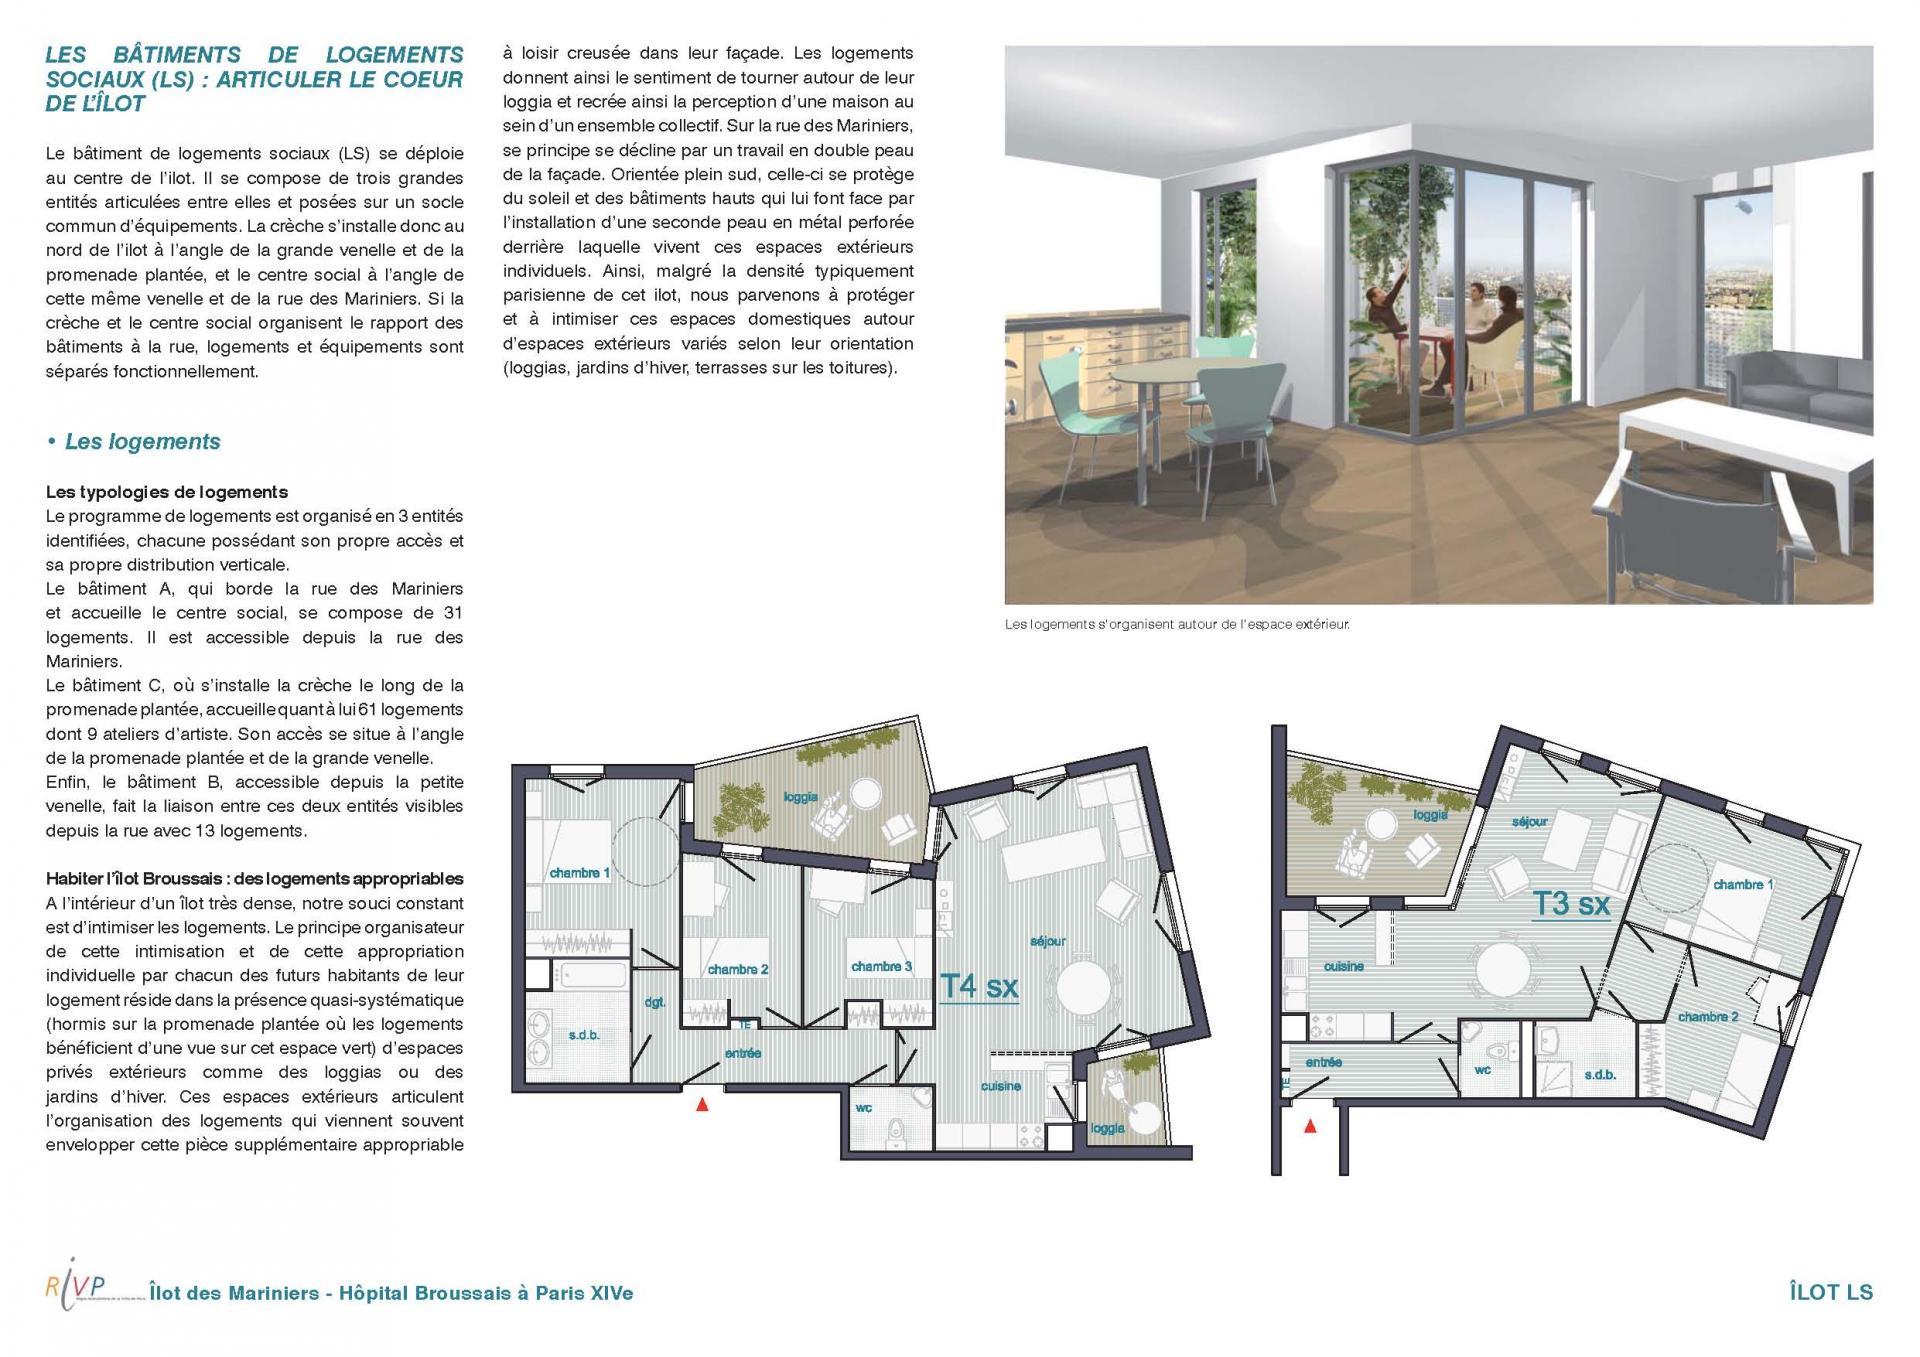 Cdc broussais logements page 08